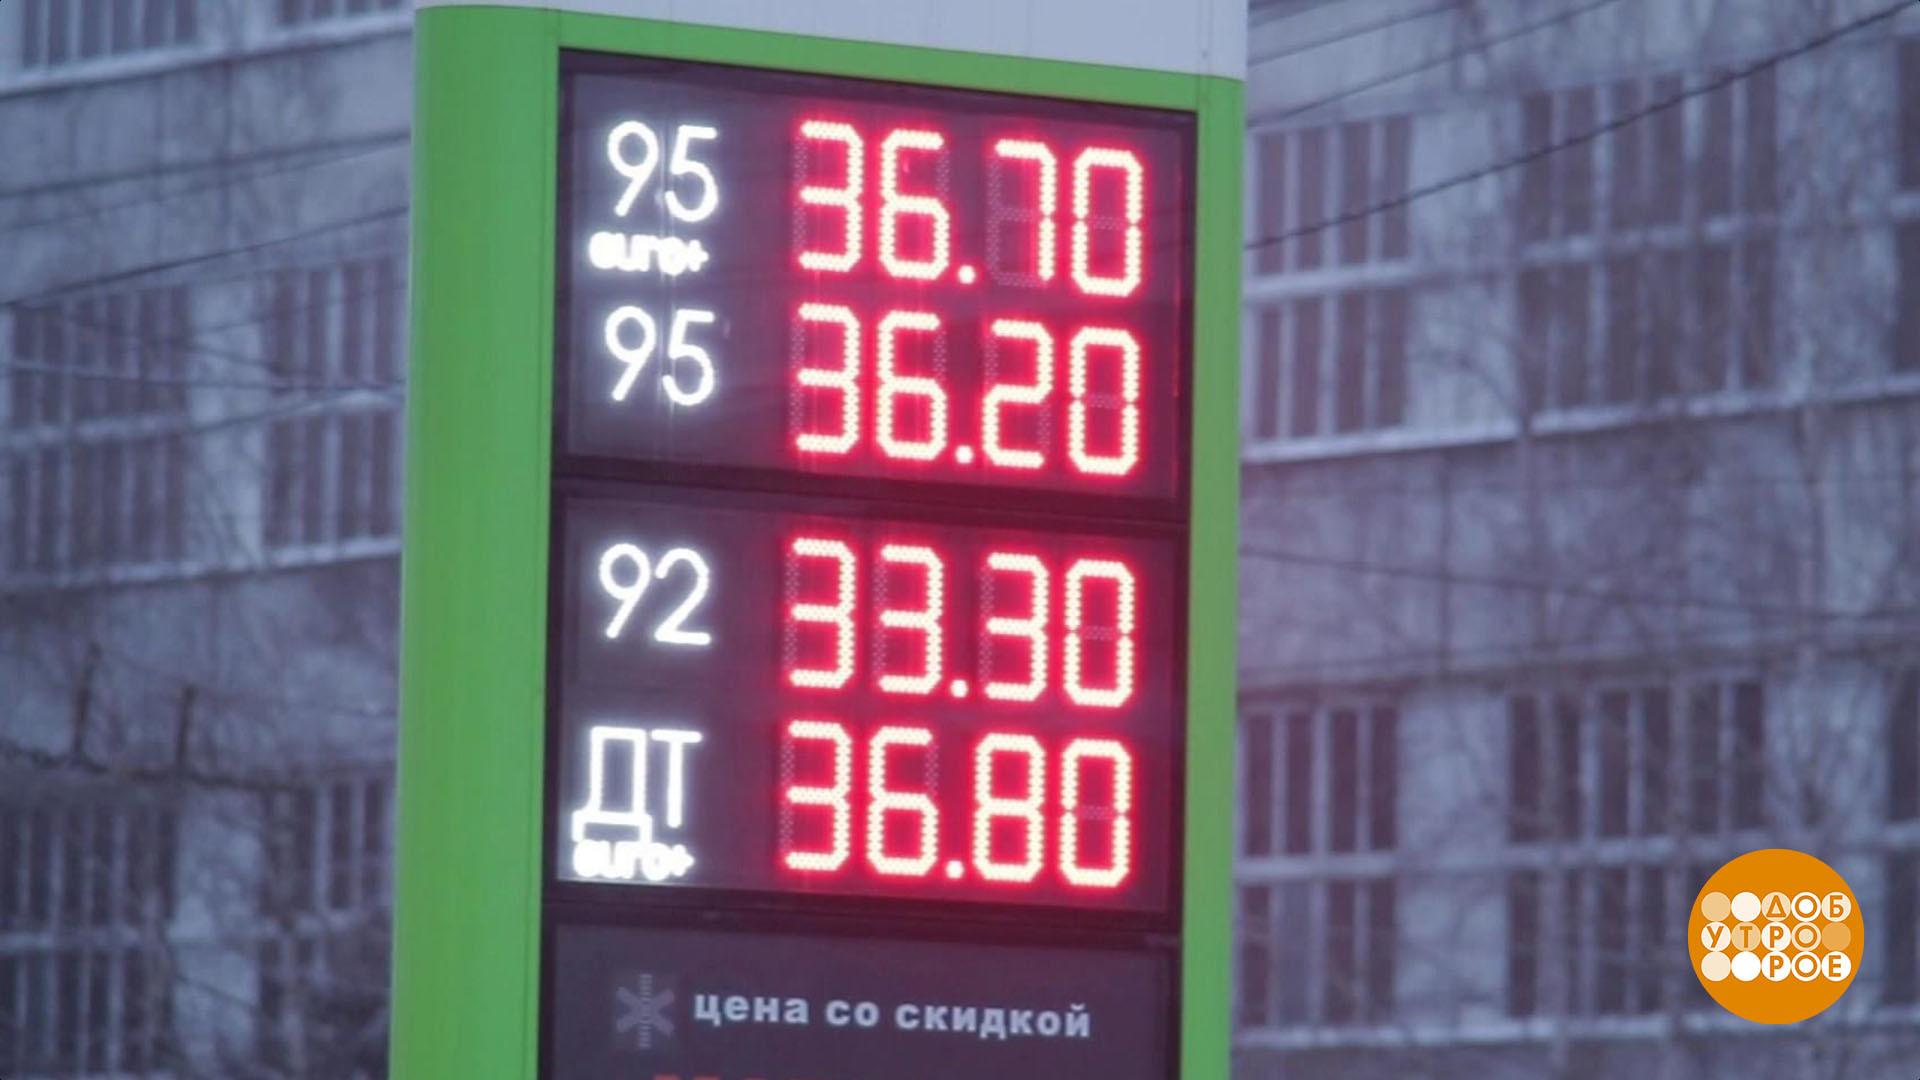 Почему подорожал бензин в казахстане 2017